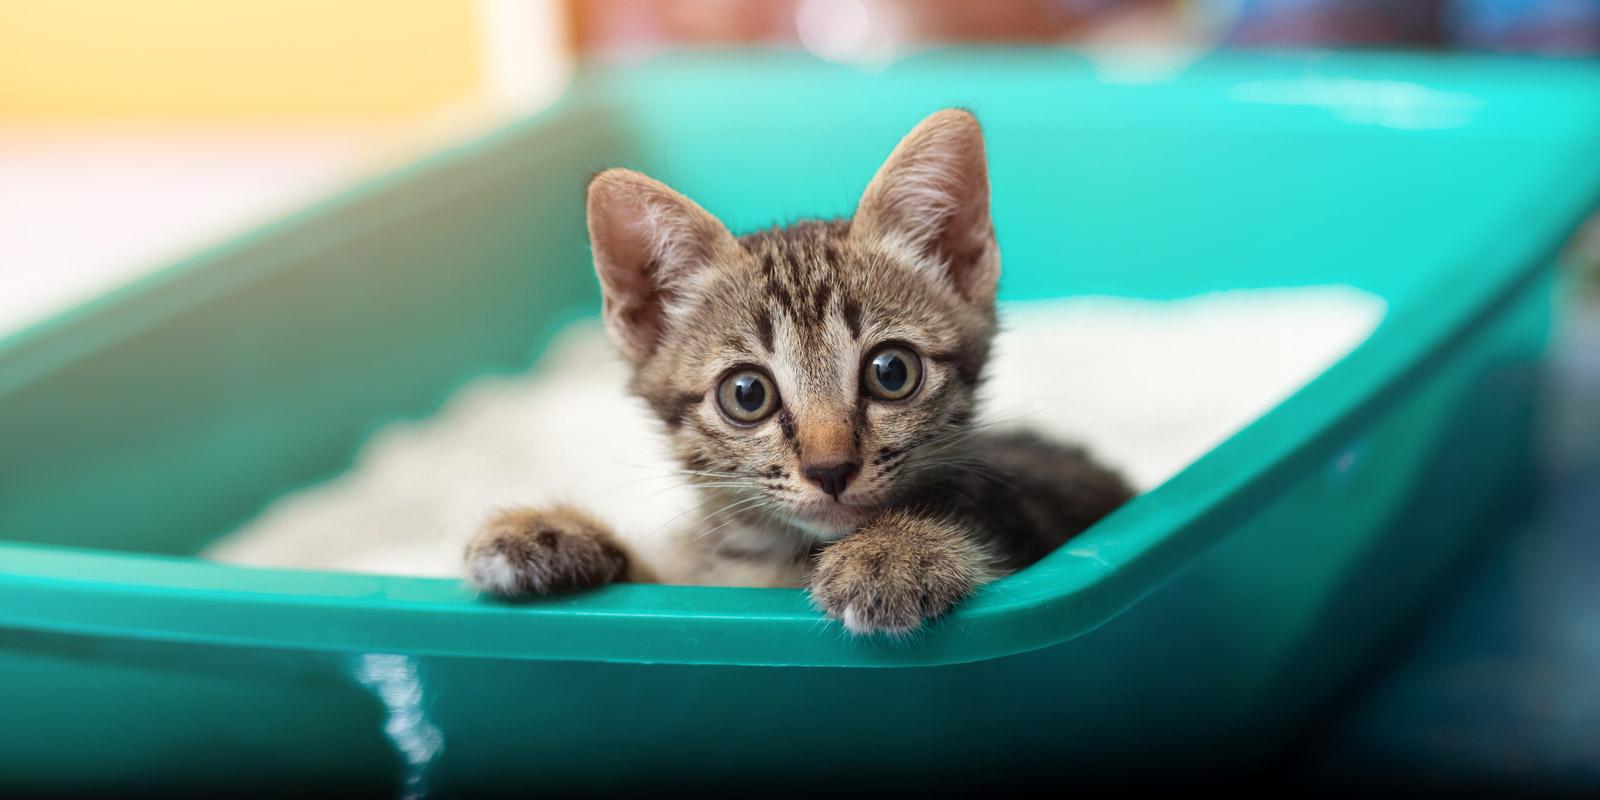 En la imagen aparece un gatito romano asomándose desde dentro de un arenero.